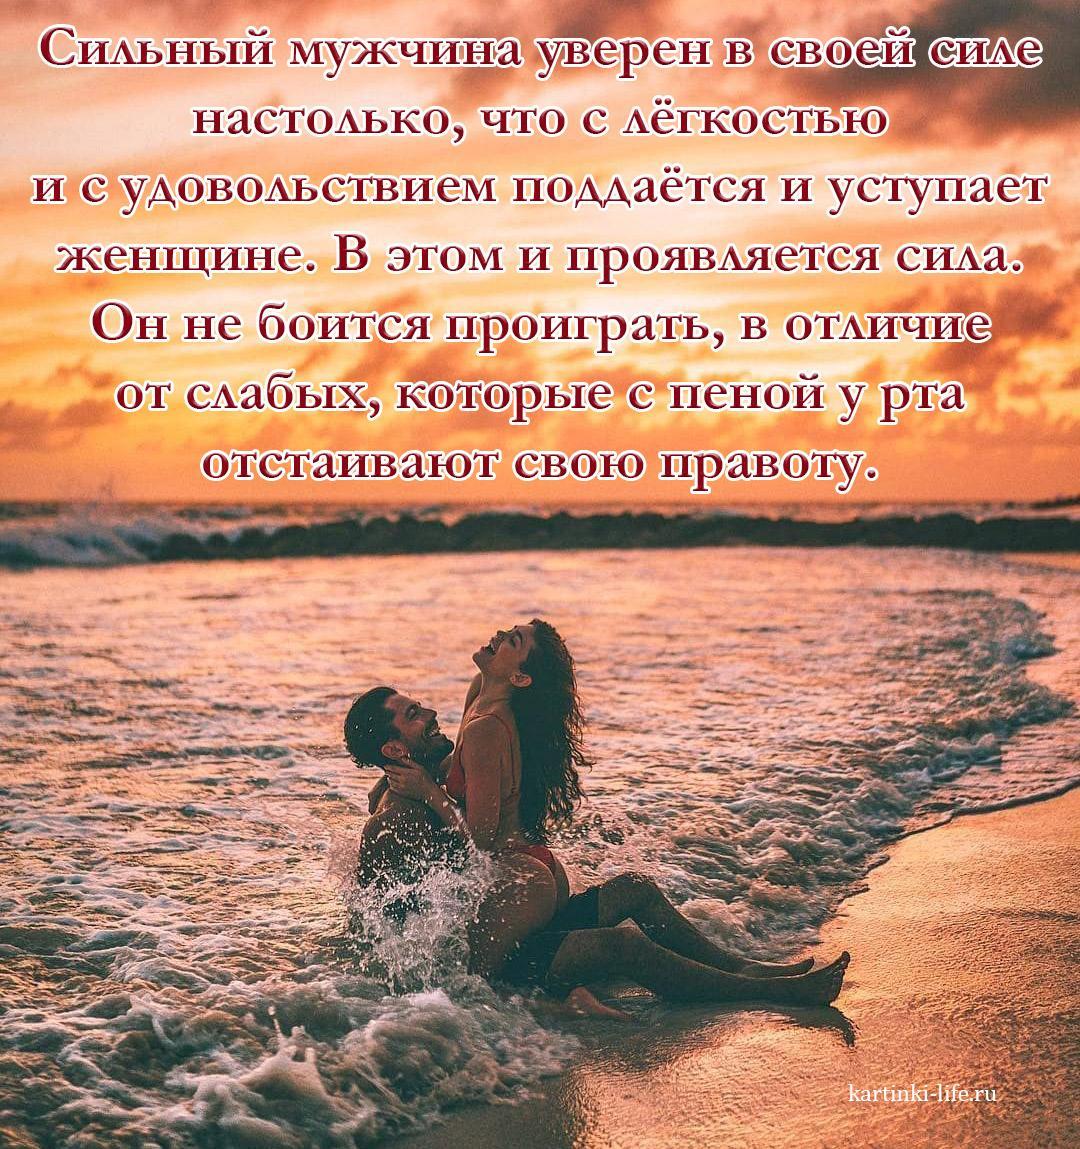 Сильный мужчина уверен в своей силе настолько, что с легкостью и с удовольствием поддается и уступает женщине. В этом и проявляется сила. Он не боится проиграть, в отличие от слабых, которые с пеной у рта отстаивают свою правоту.